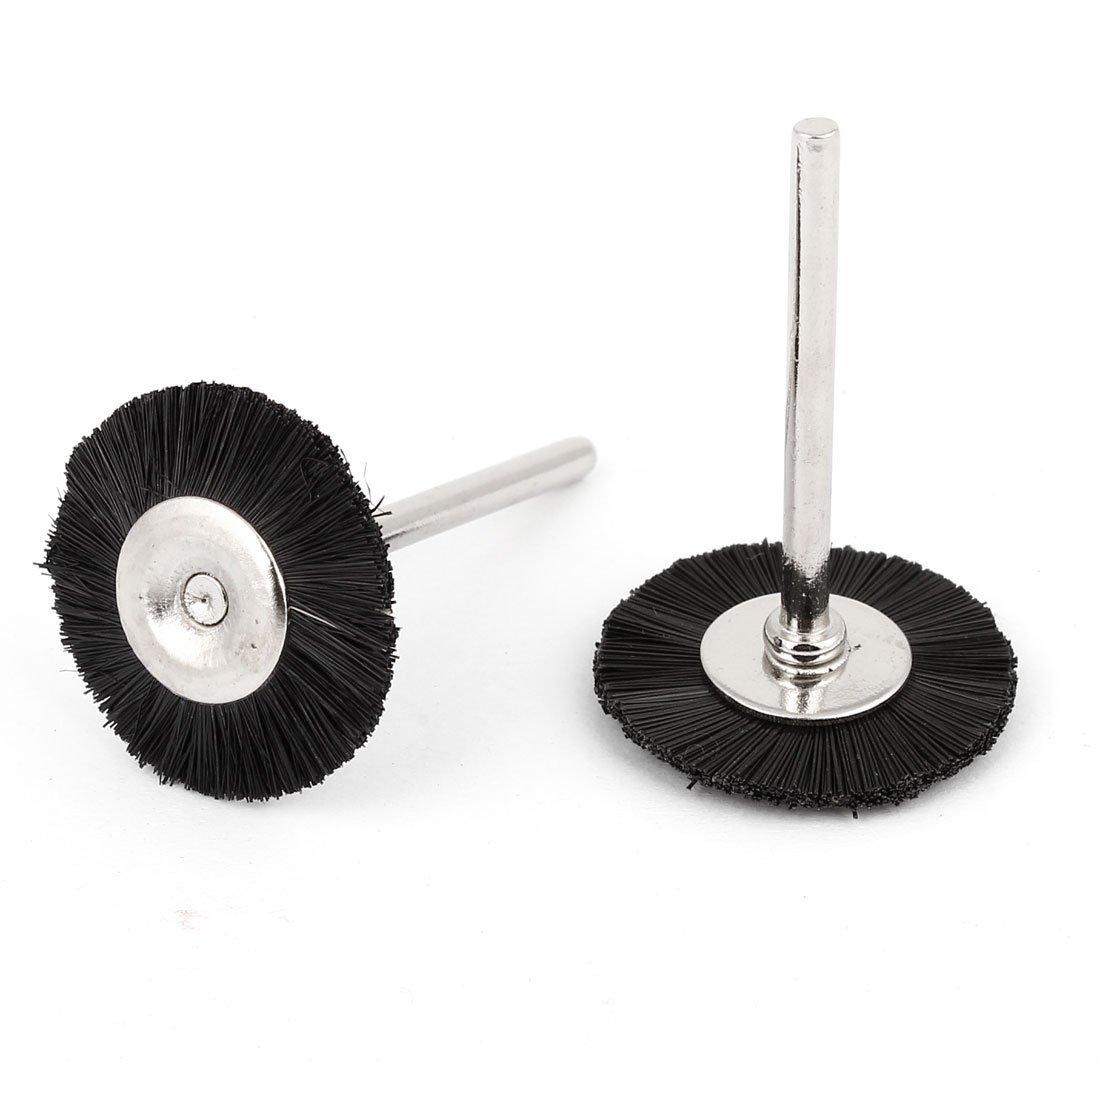 2 Pcs 25mm Dia Noir brosse en nylon roue de polissage pour outil rotatif